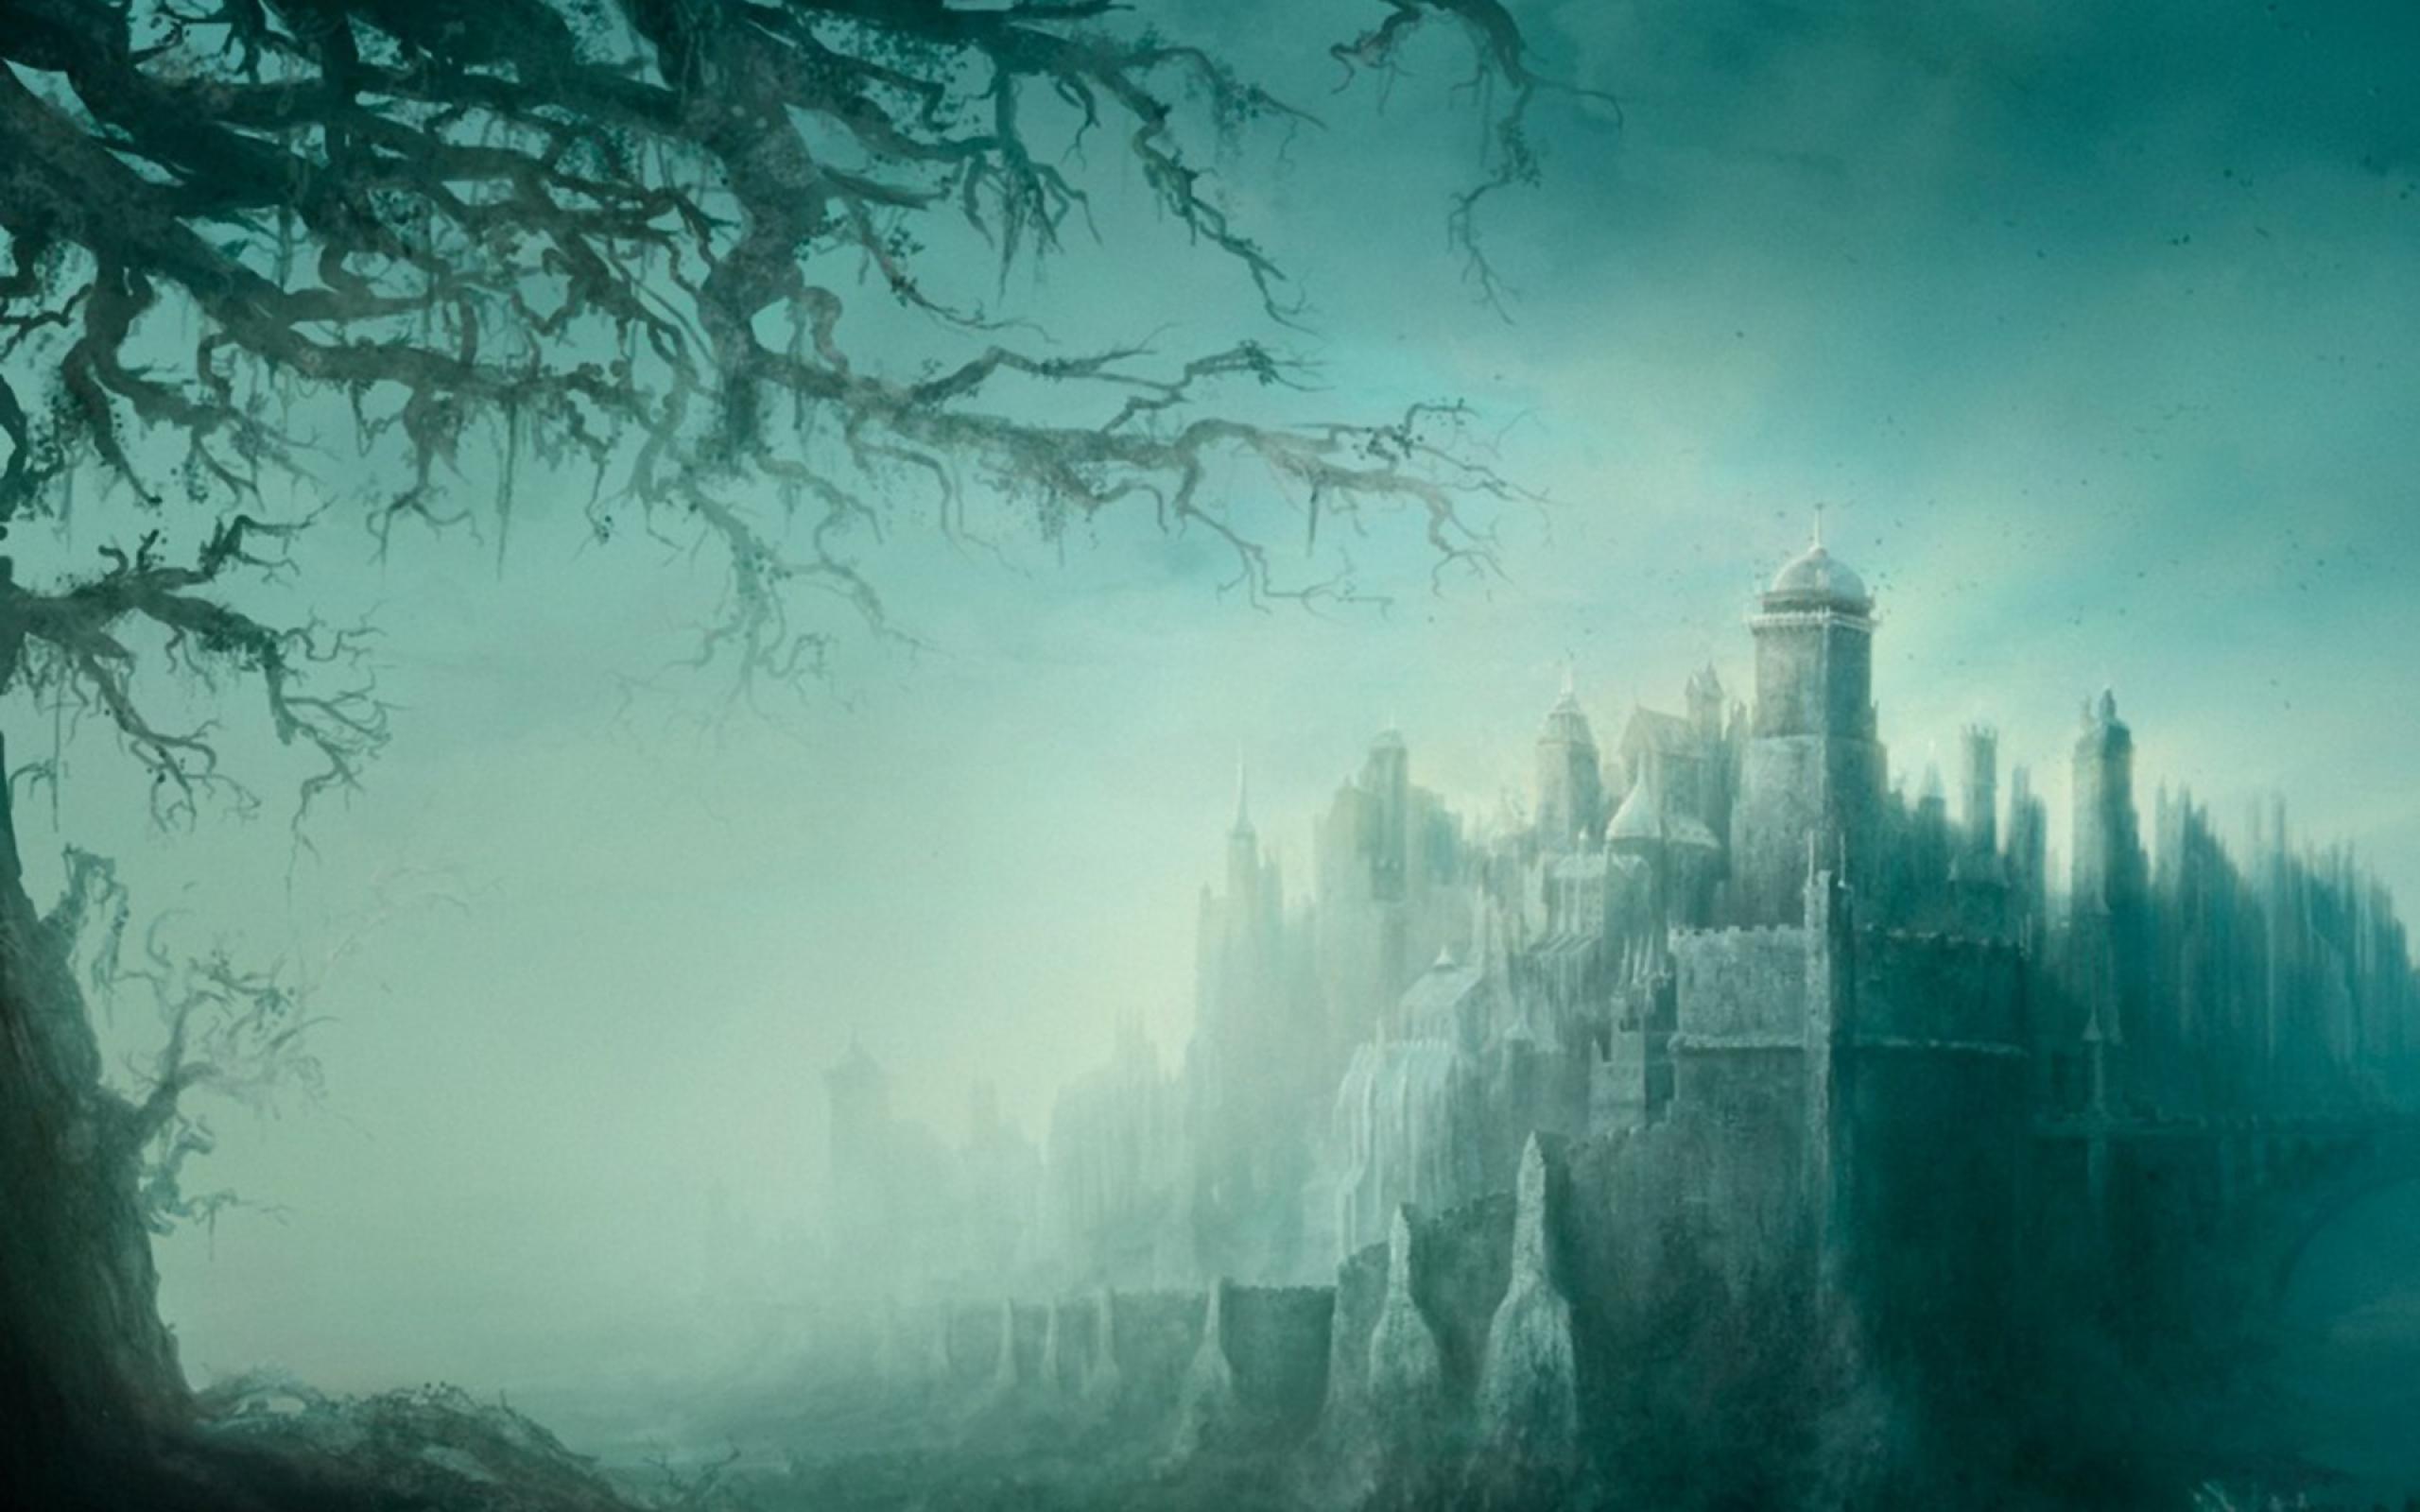 картинки фэнтези туман одежде